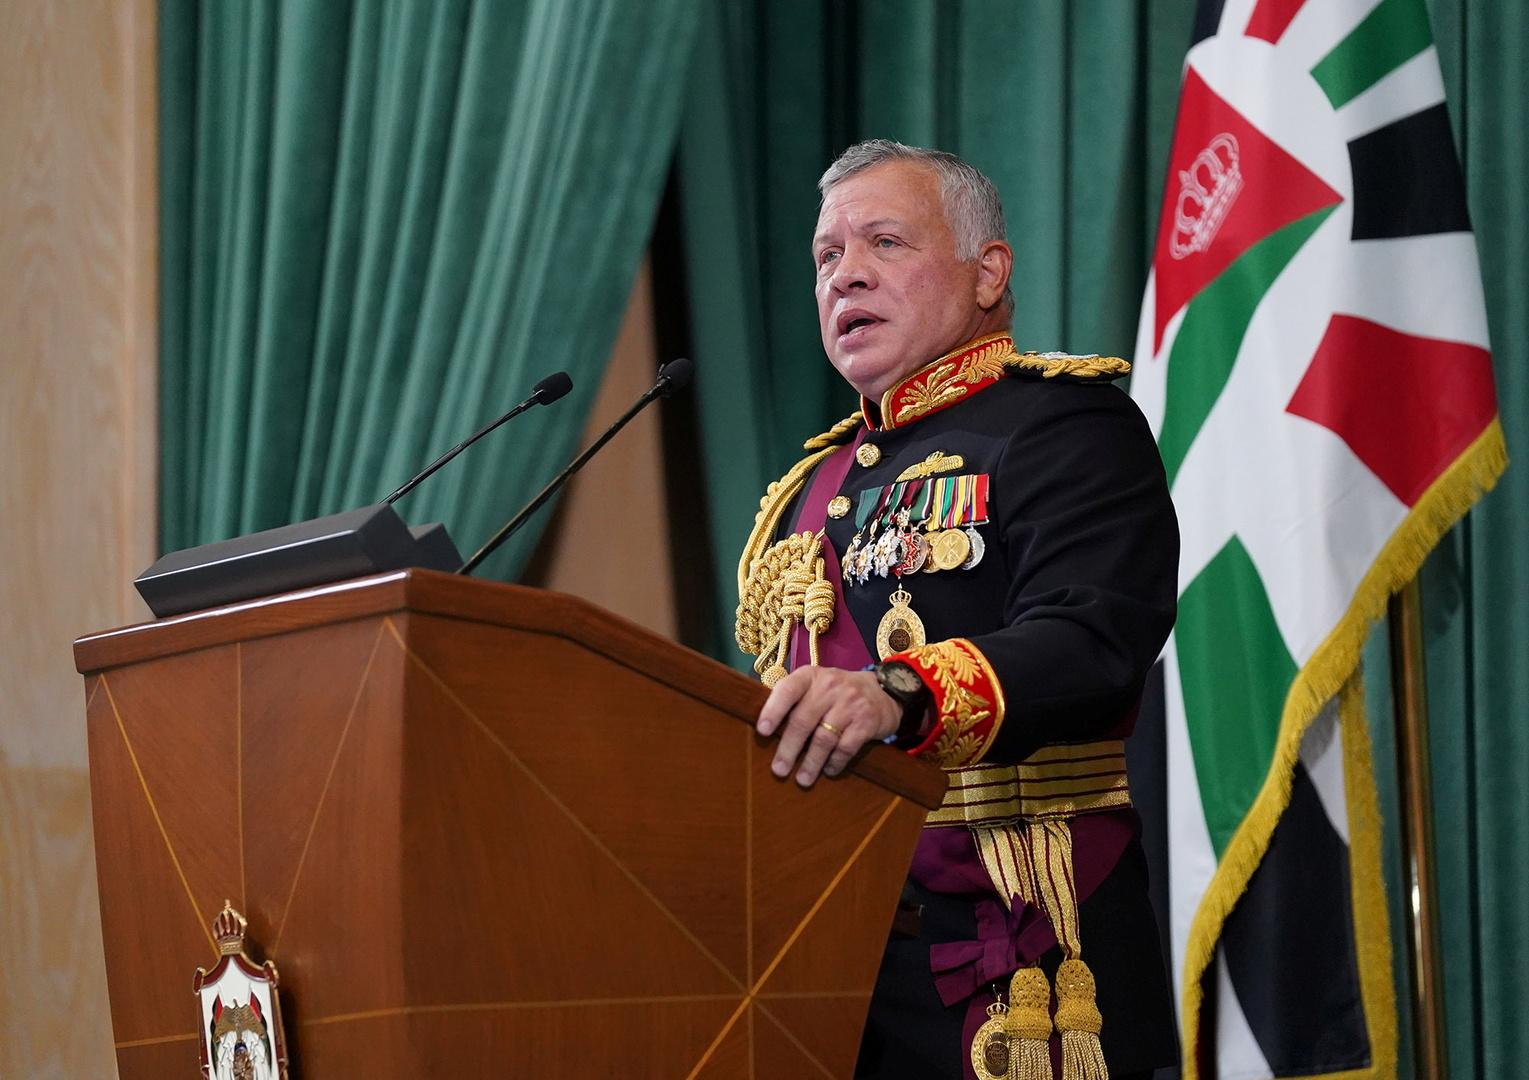 القضاء الأردني يصدر حكما جديدا بحق صاحبة عبارة